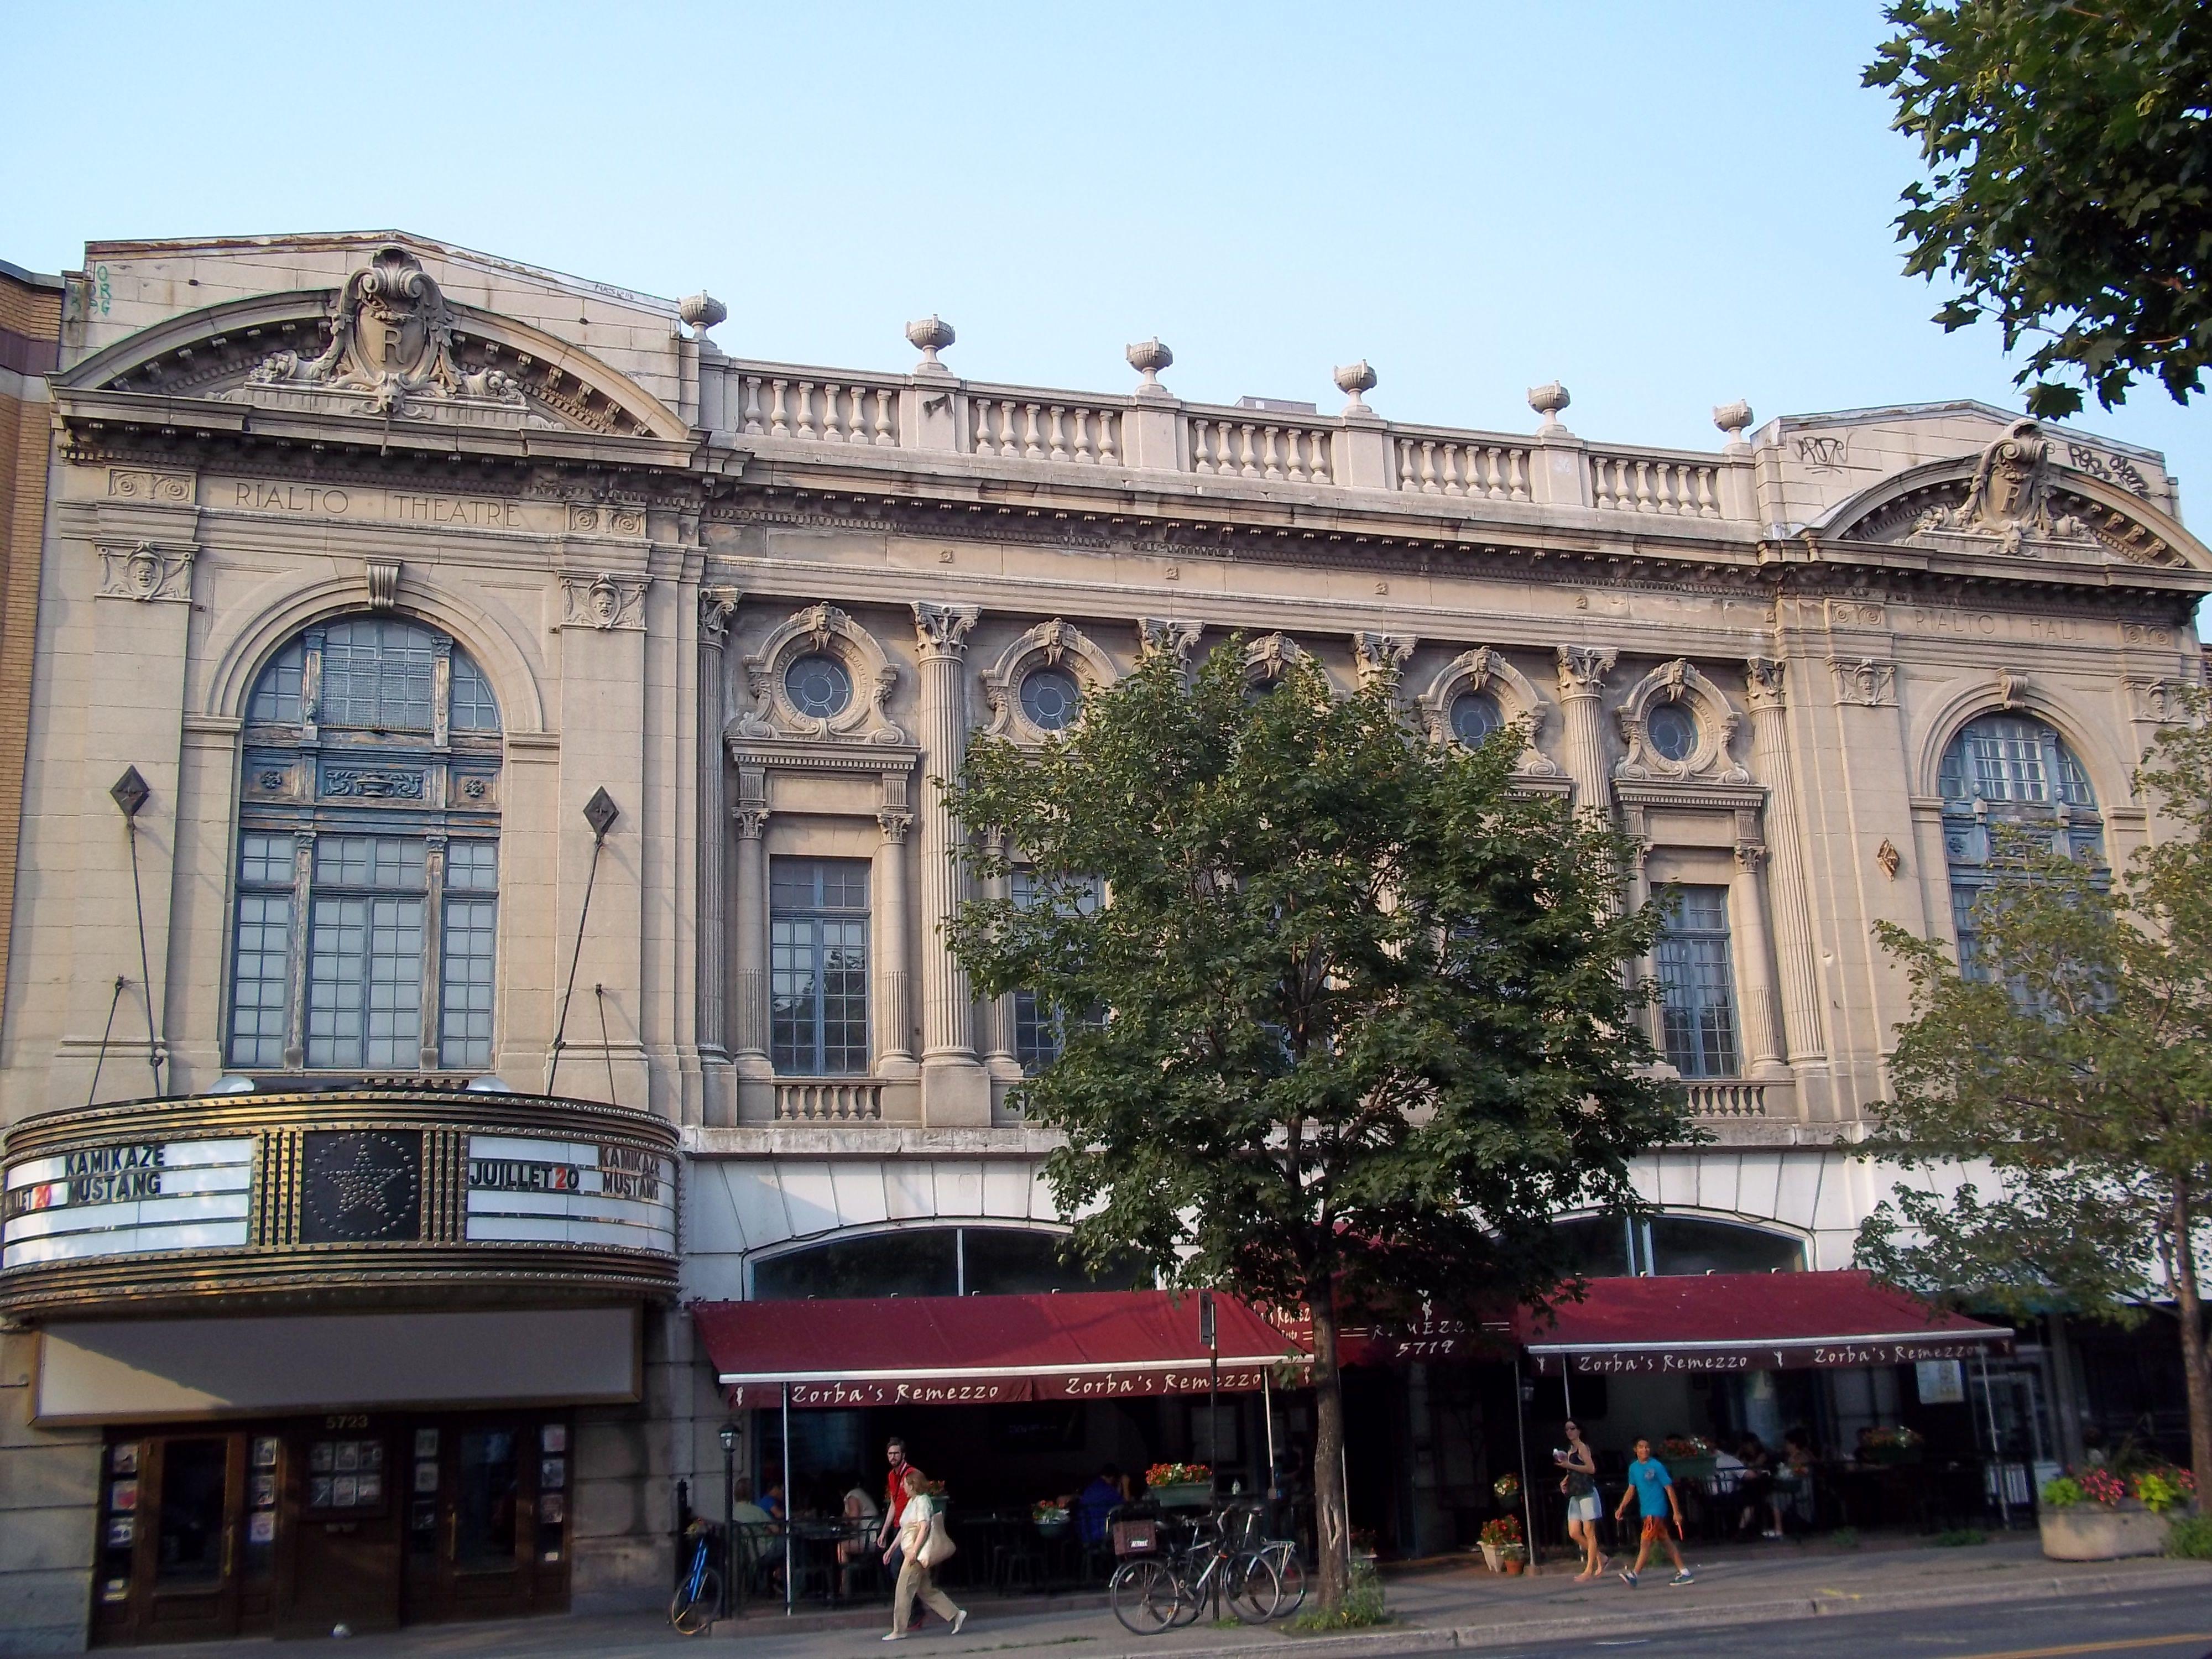 Rialto Theater Montreal